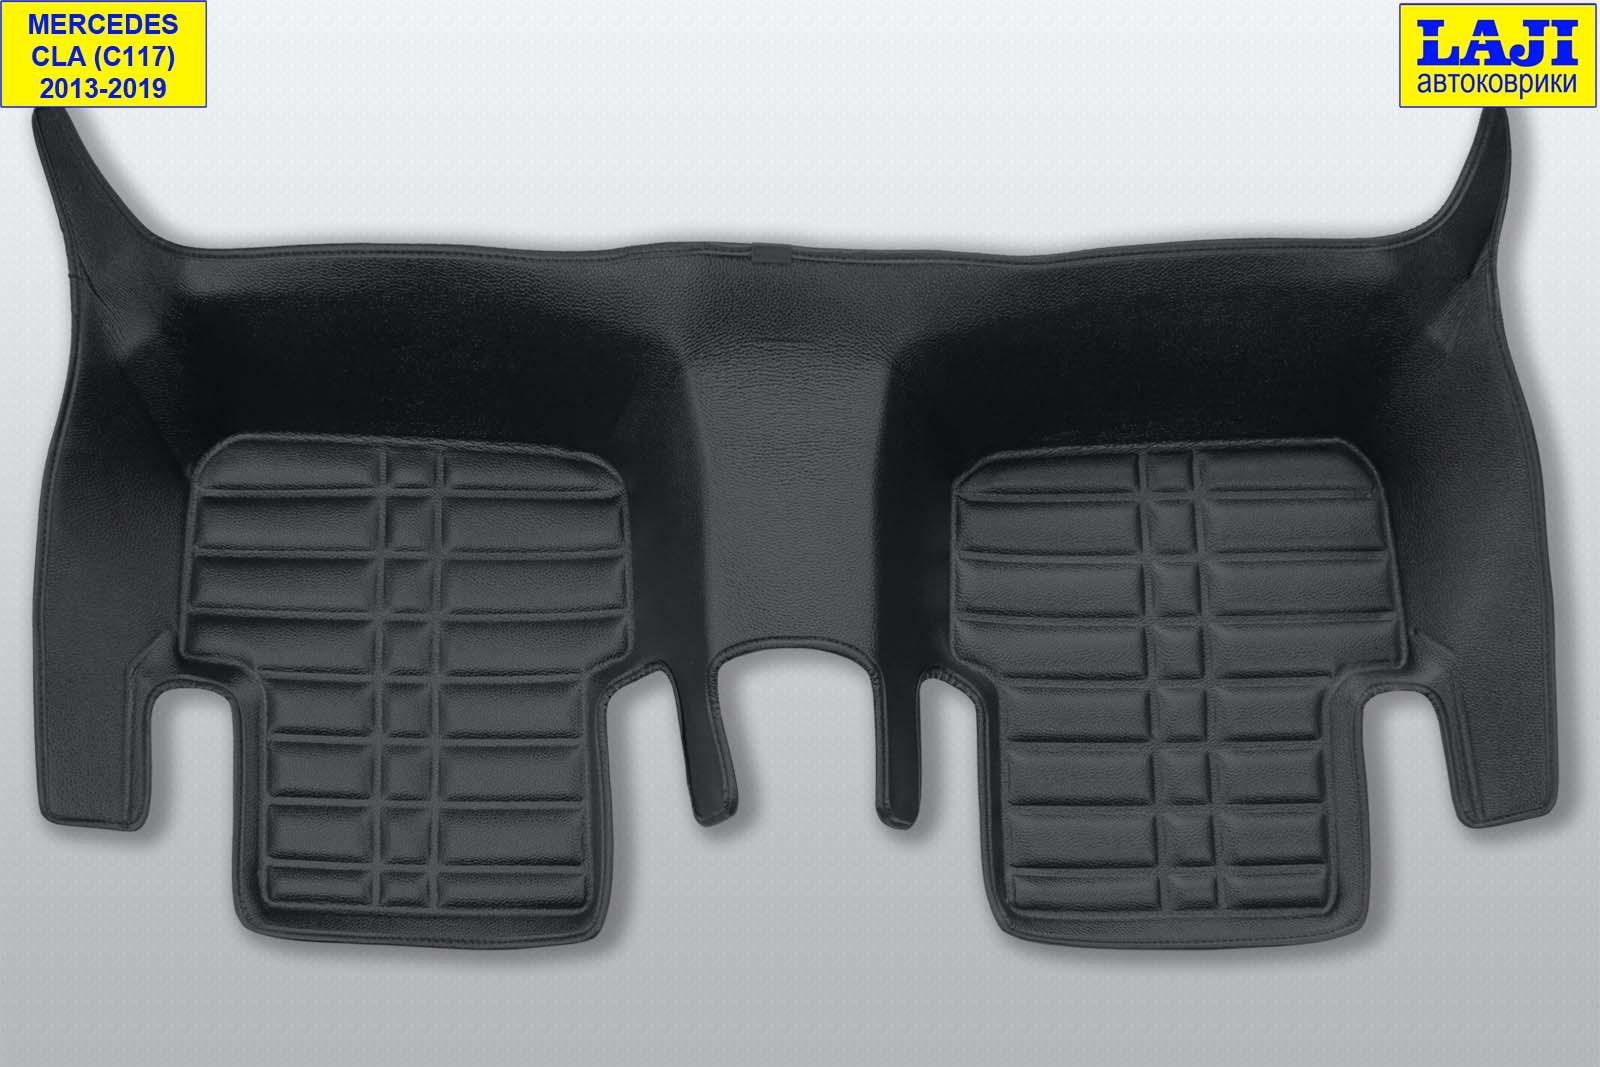 5D коврики в салон Mercedes CLA C117 2013-2019 7